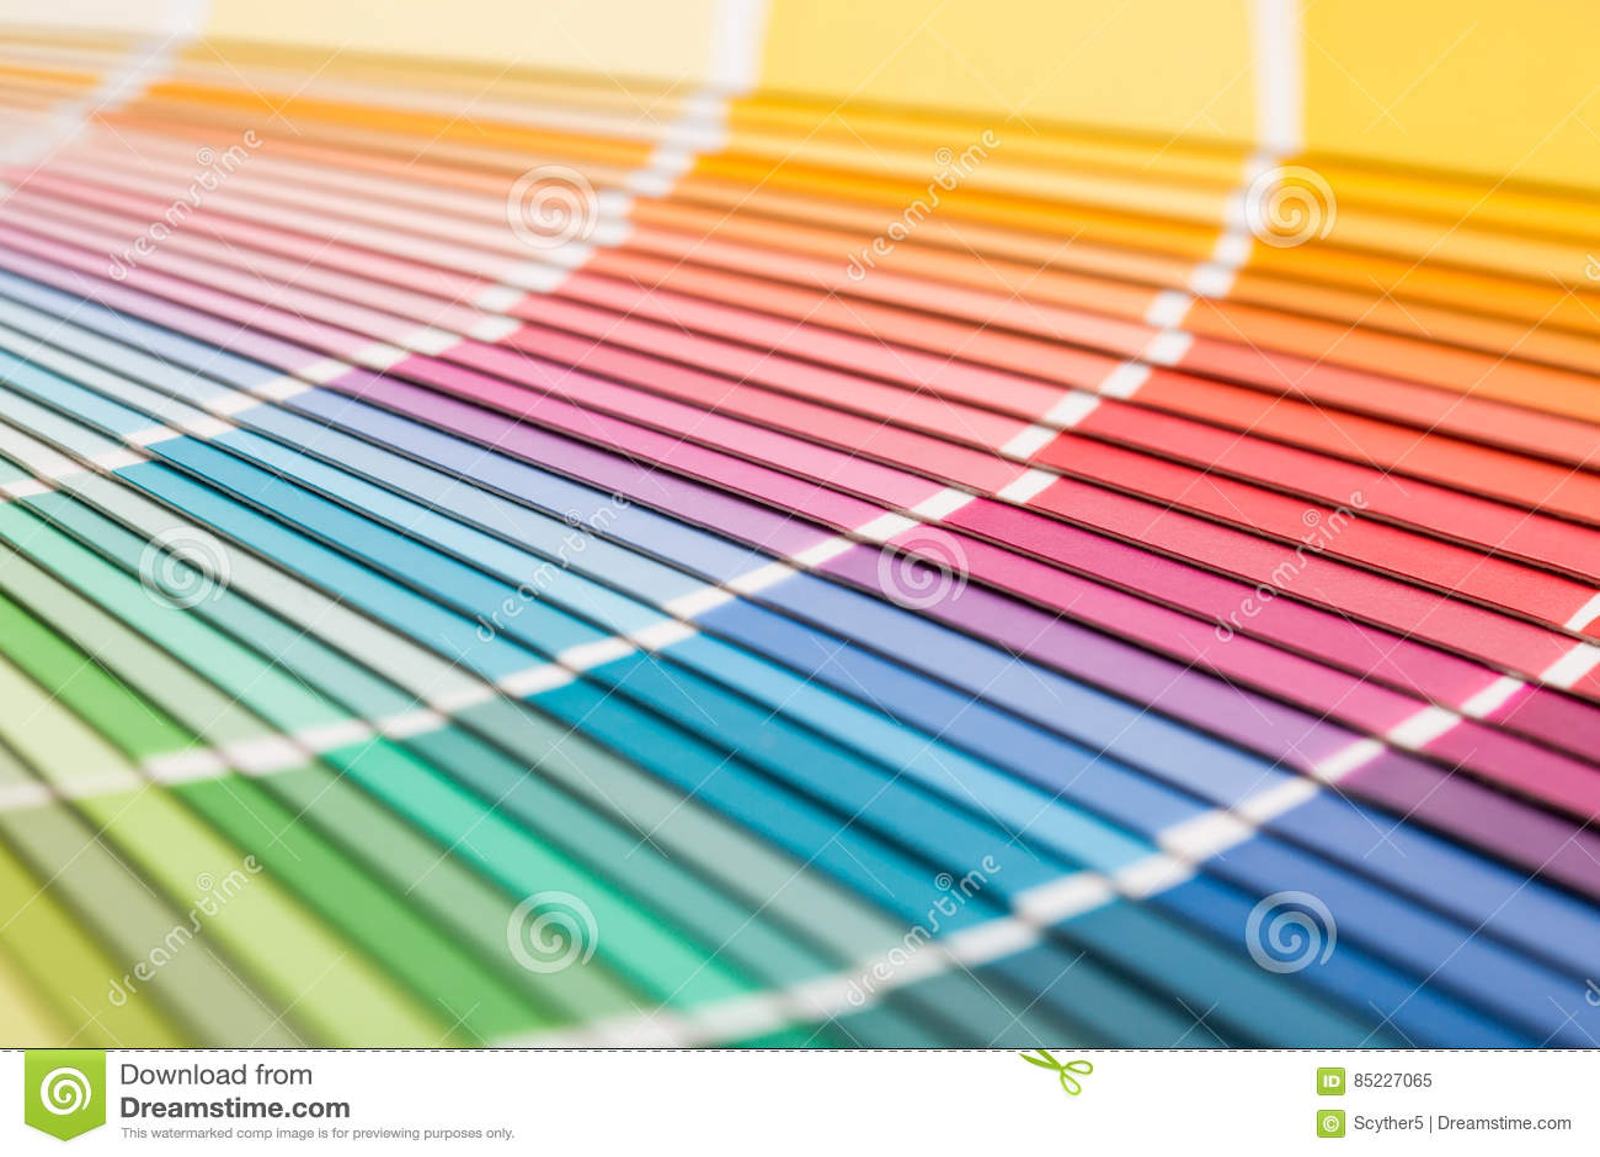 开张pantone范例颜色目录